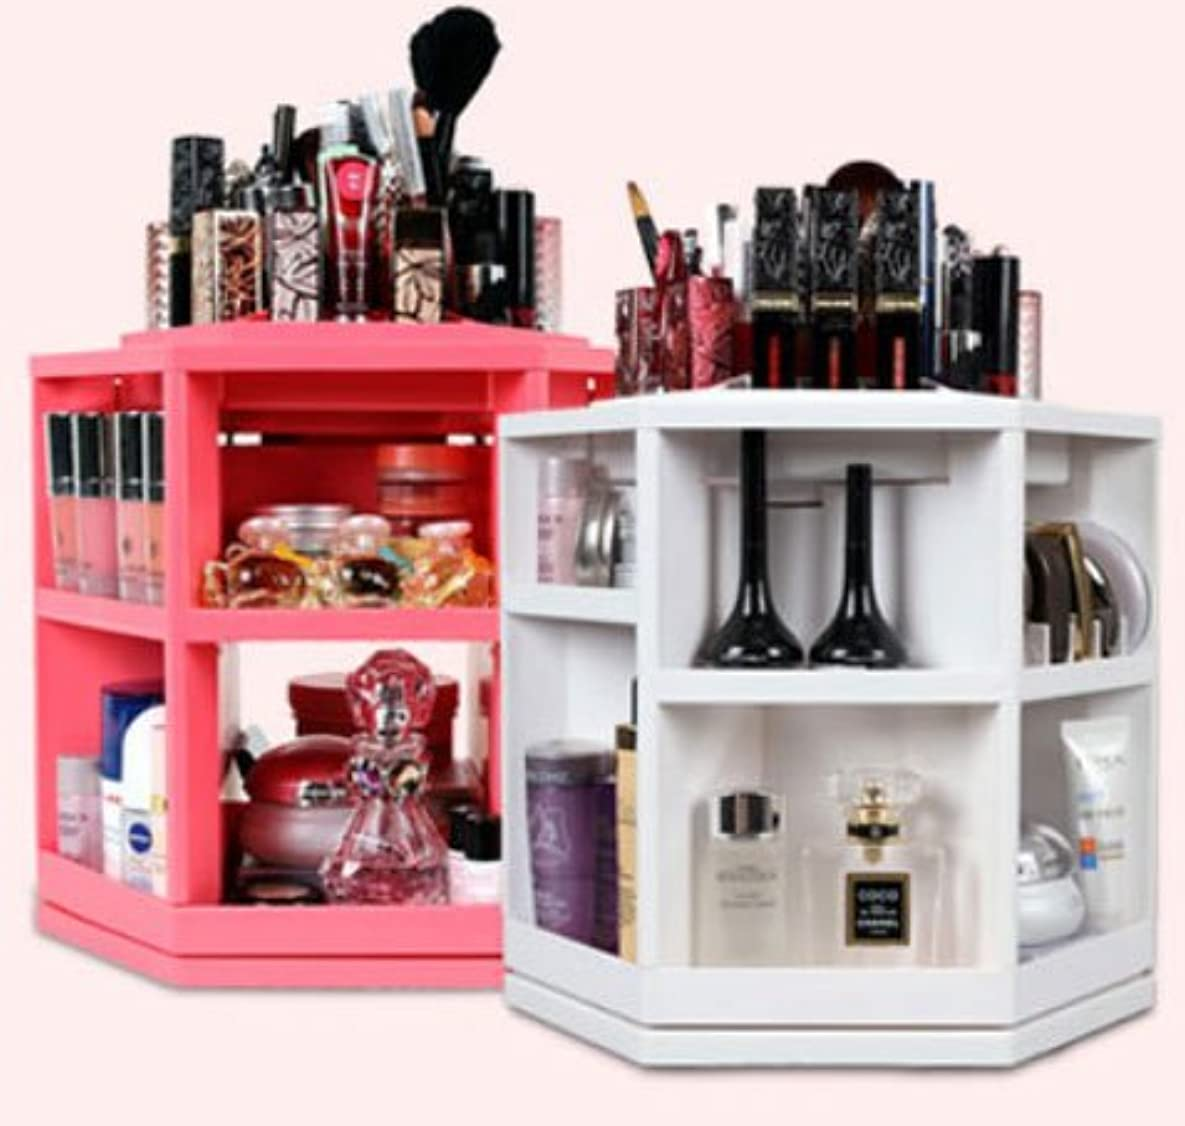 再編成する定期的に霜コスメ ボックス,化粧品 収納、楽、簡単、回転する化粧品収納整理台、ピンク色